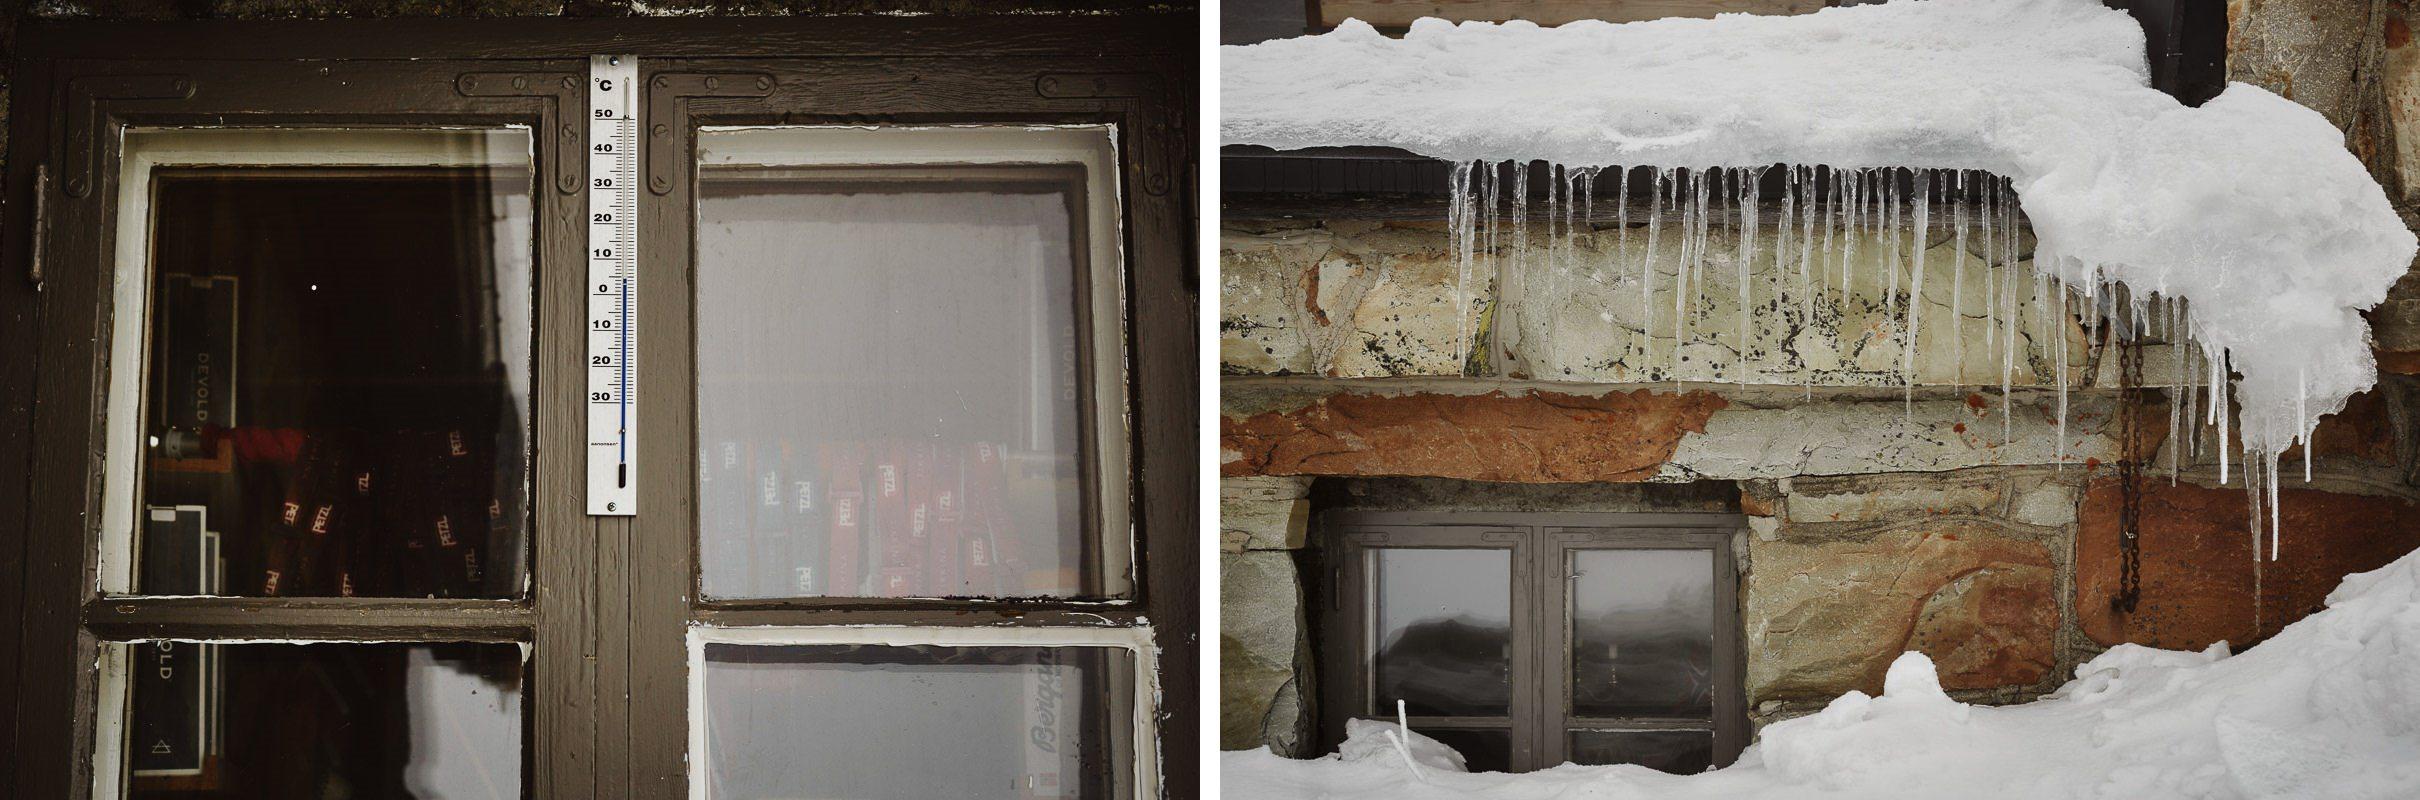 okna i sople